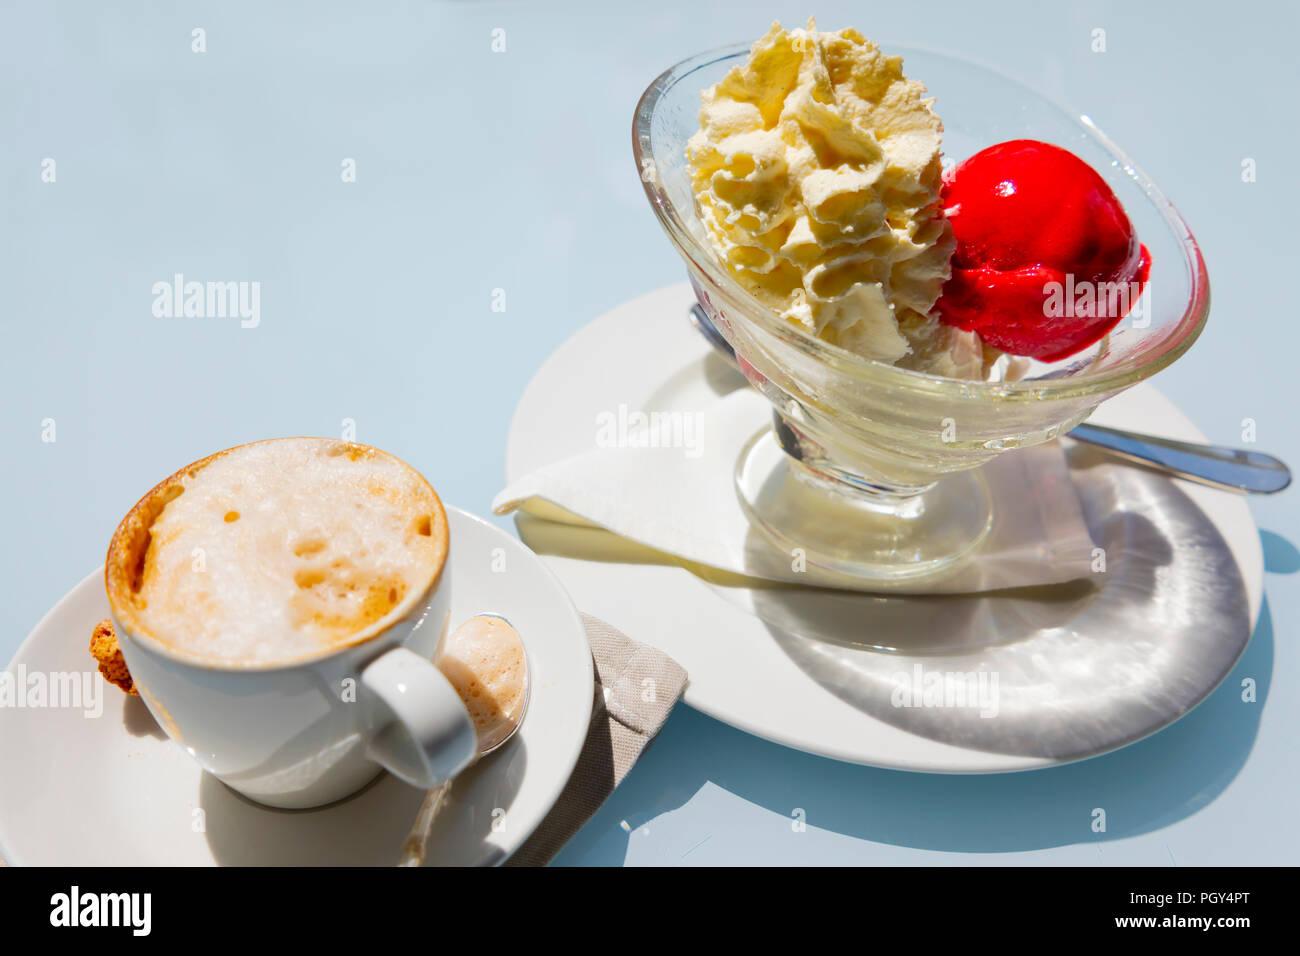 Cappuccino e Caffè gelato in una ciotola Immagini Stock